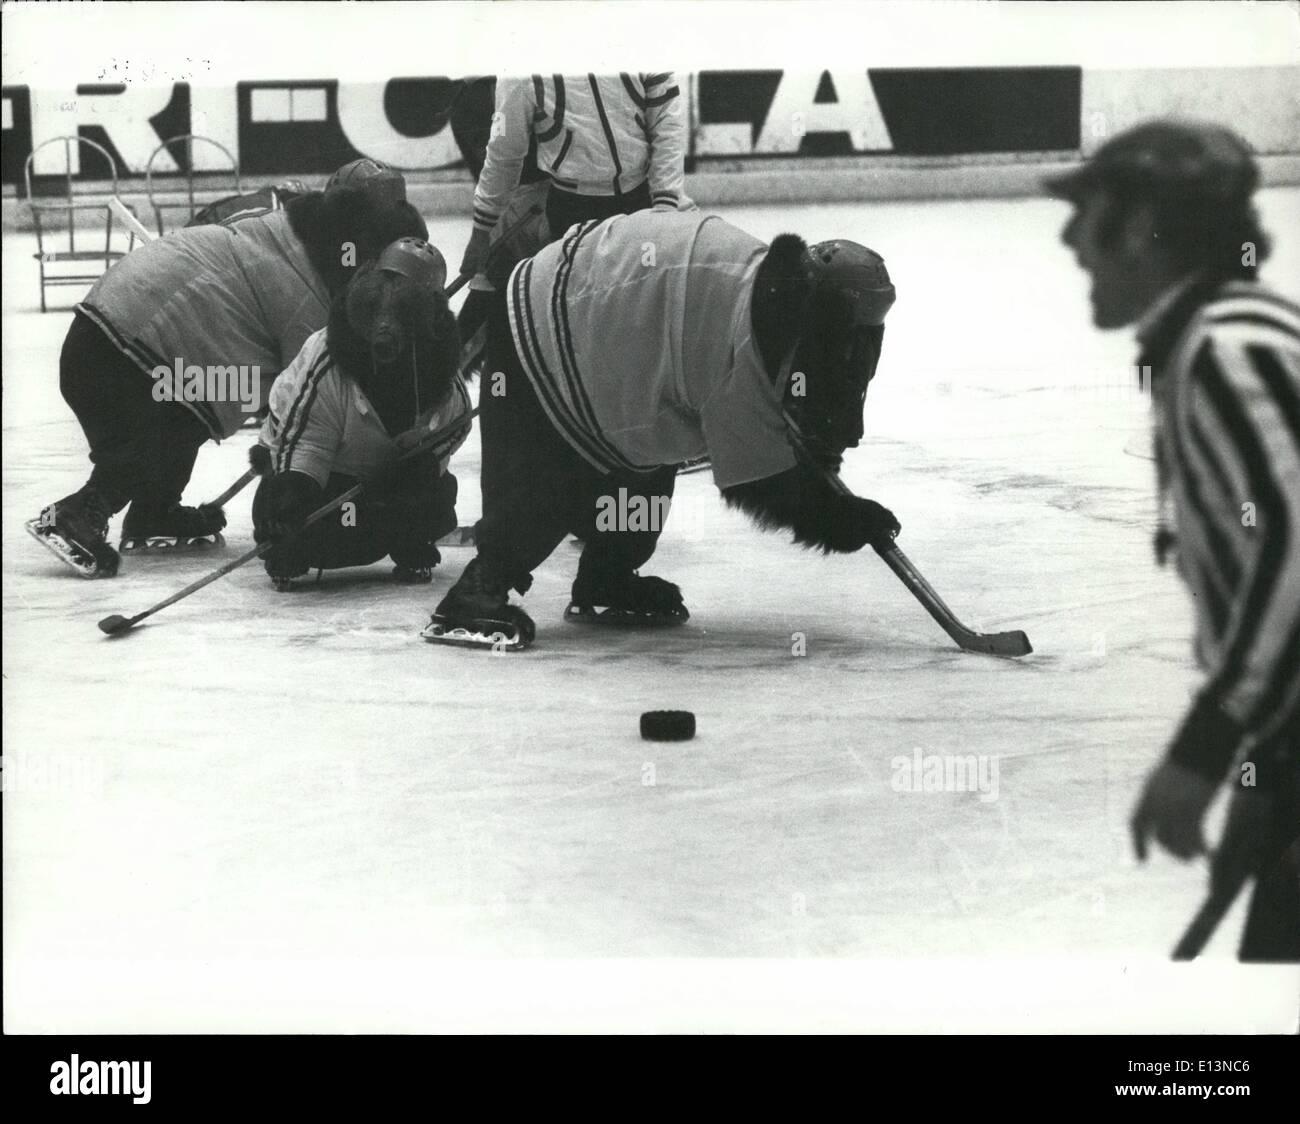 Mar 02, 2012 - Hockey su ghiaccio corrispondere con una Differance: una partita di hockey di venerdì con un recente differance ha avuto luogo a Monaco di Baviera Olympic hall. Un team russo di orso bruno ha preso su di un team di scimpanzé. È stato molto divertente partita per i tanti spettatori che hanno partecipato. Le due squadre sono stati addestrati dal tedesco della famiglia di prodotti Acrobat il Renzs, che proprio gli animali. Il team ha avuto tre anni per il treno. Mostra fotografica di scatti dal match. La scimpanzé ha vinto 3-2. Immagini Stock